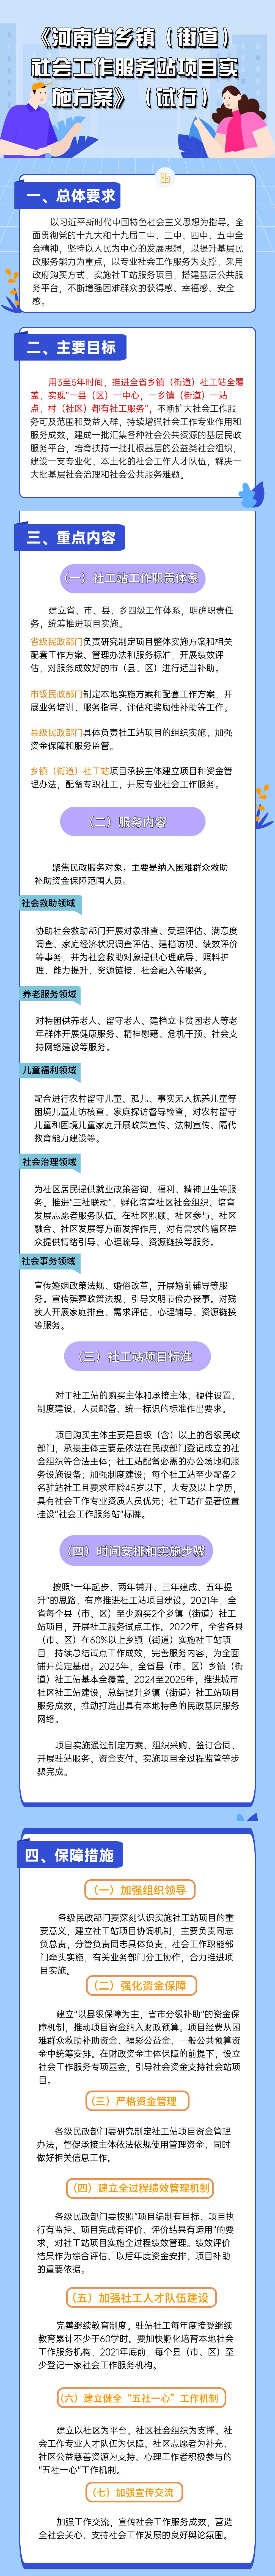 一图读懂《河南省乡镇(街道)社会工作服务站项目实施方案》(试行)